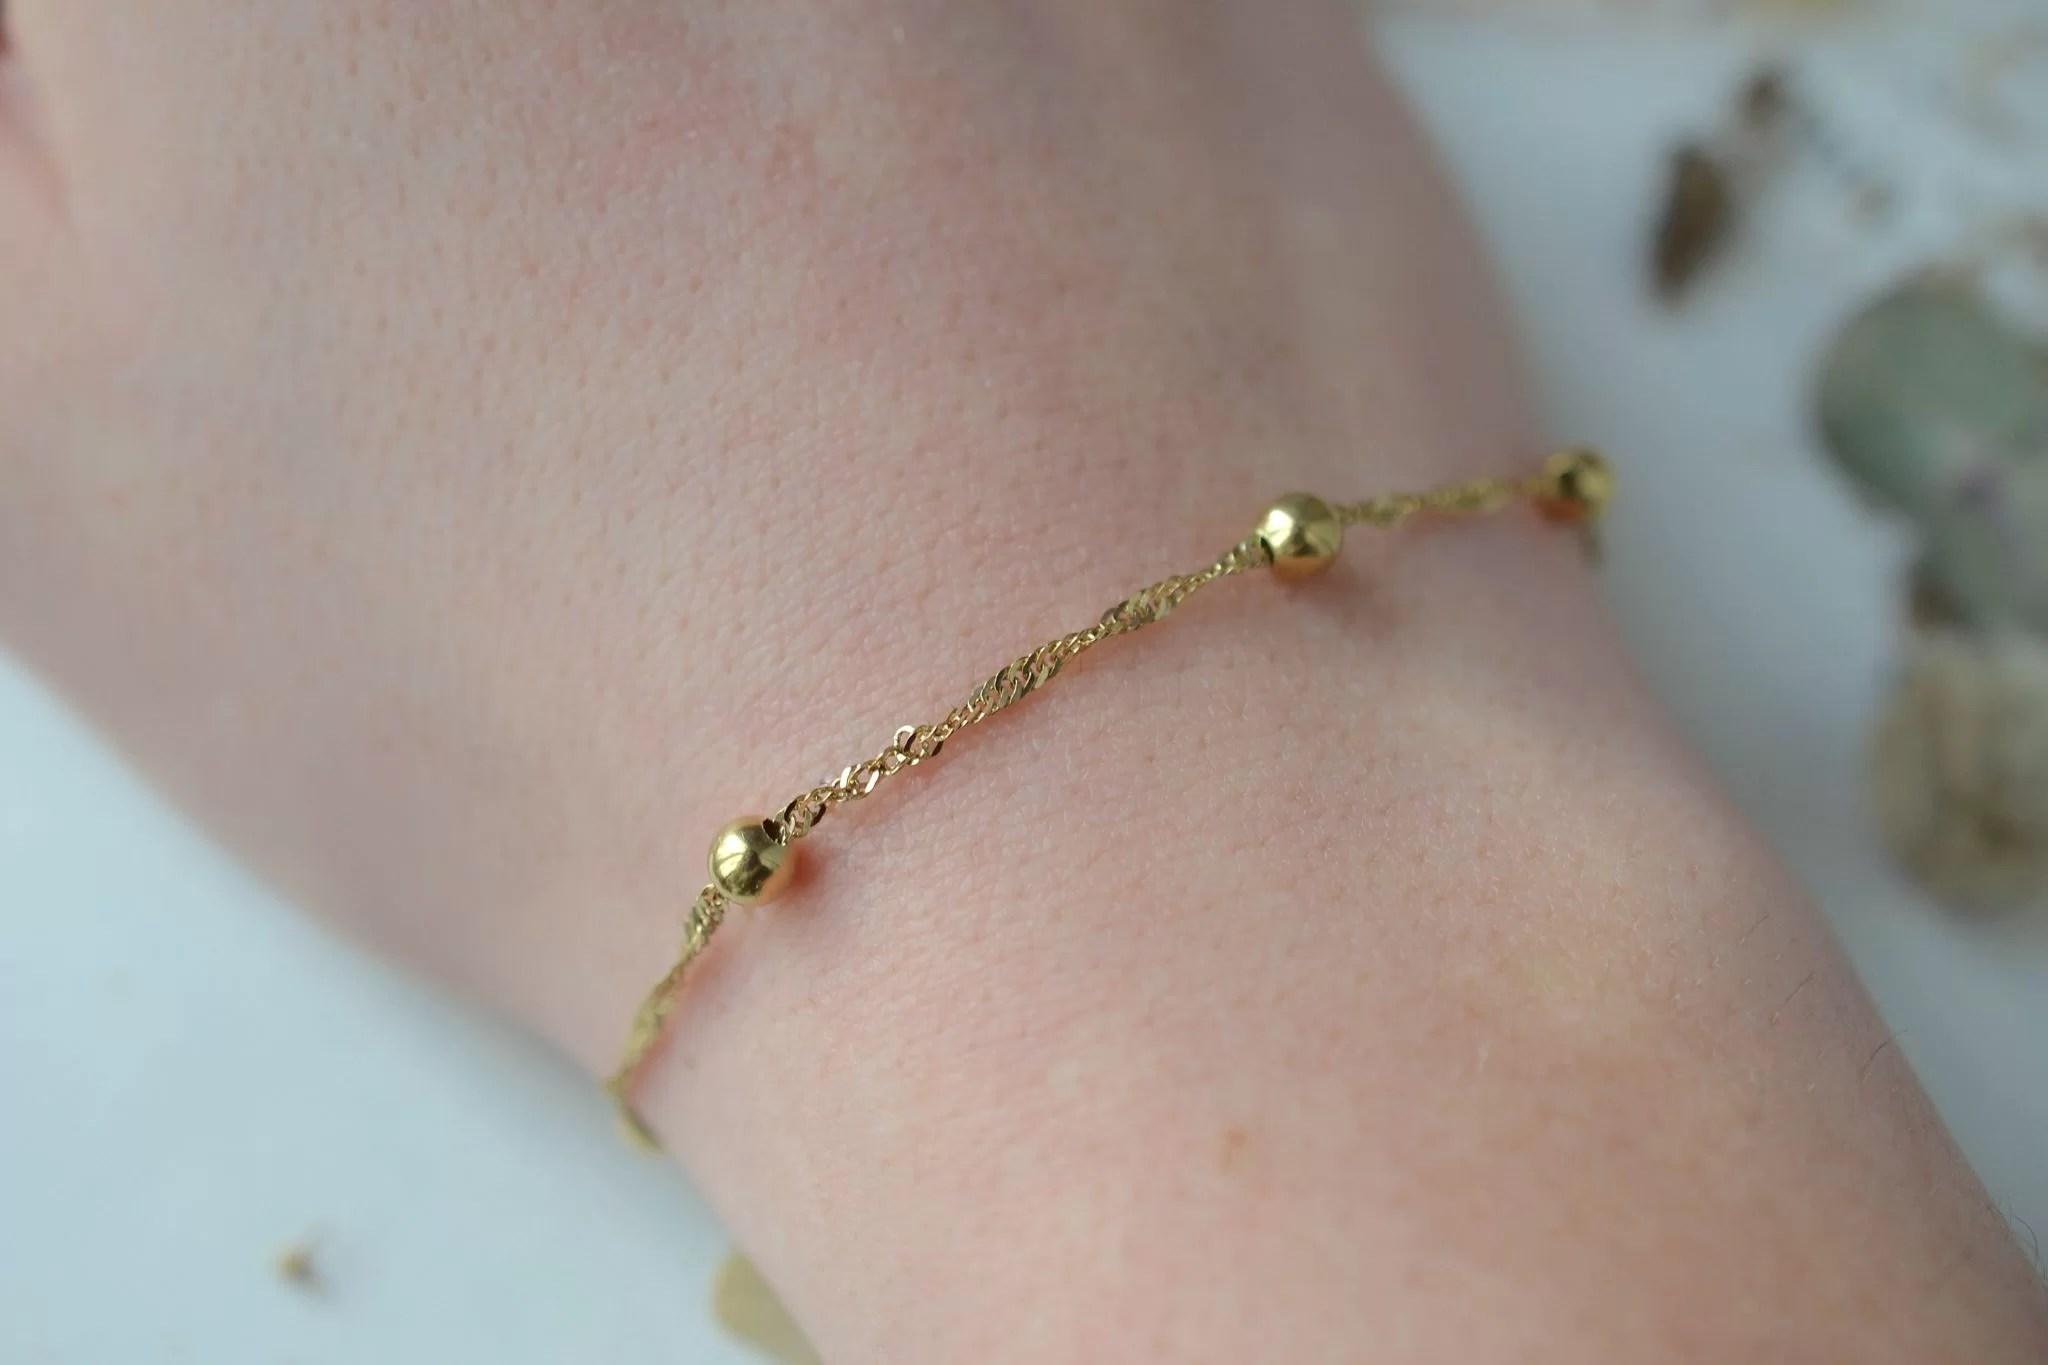 Bracelet en Or jaune décoré de billes, maille effet torsadé - bracelet éthique